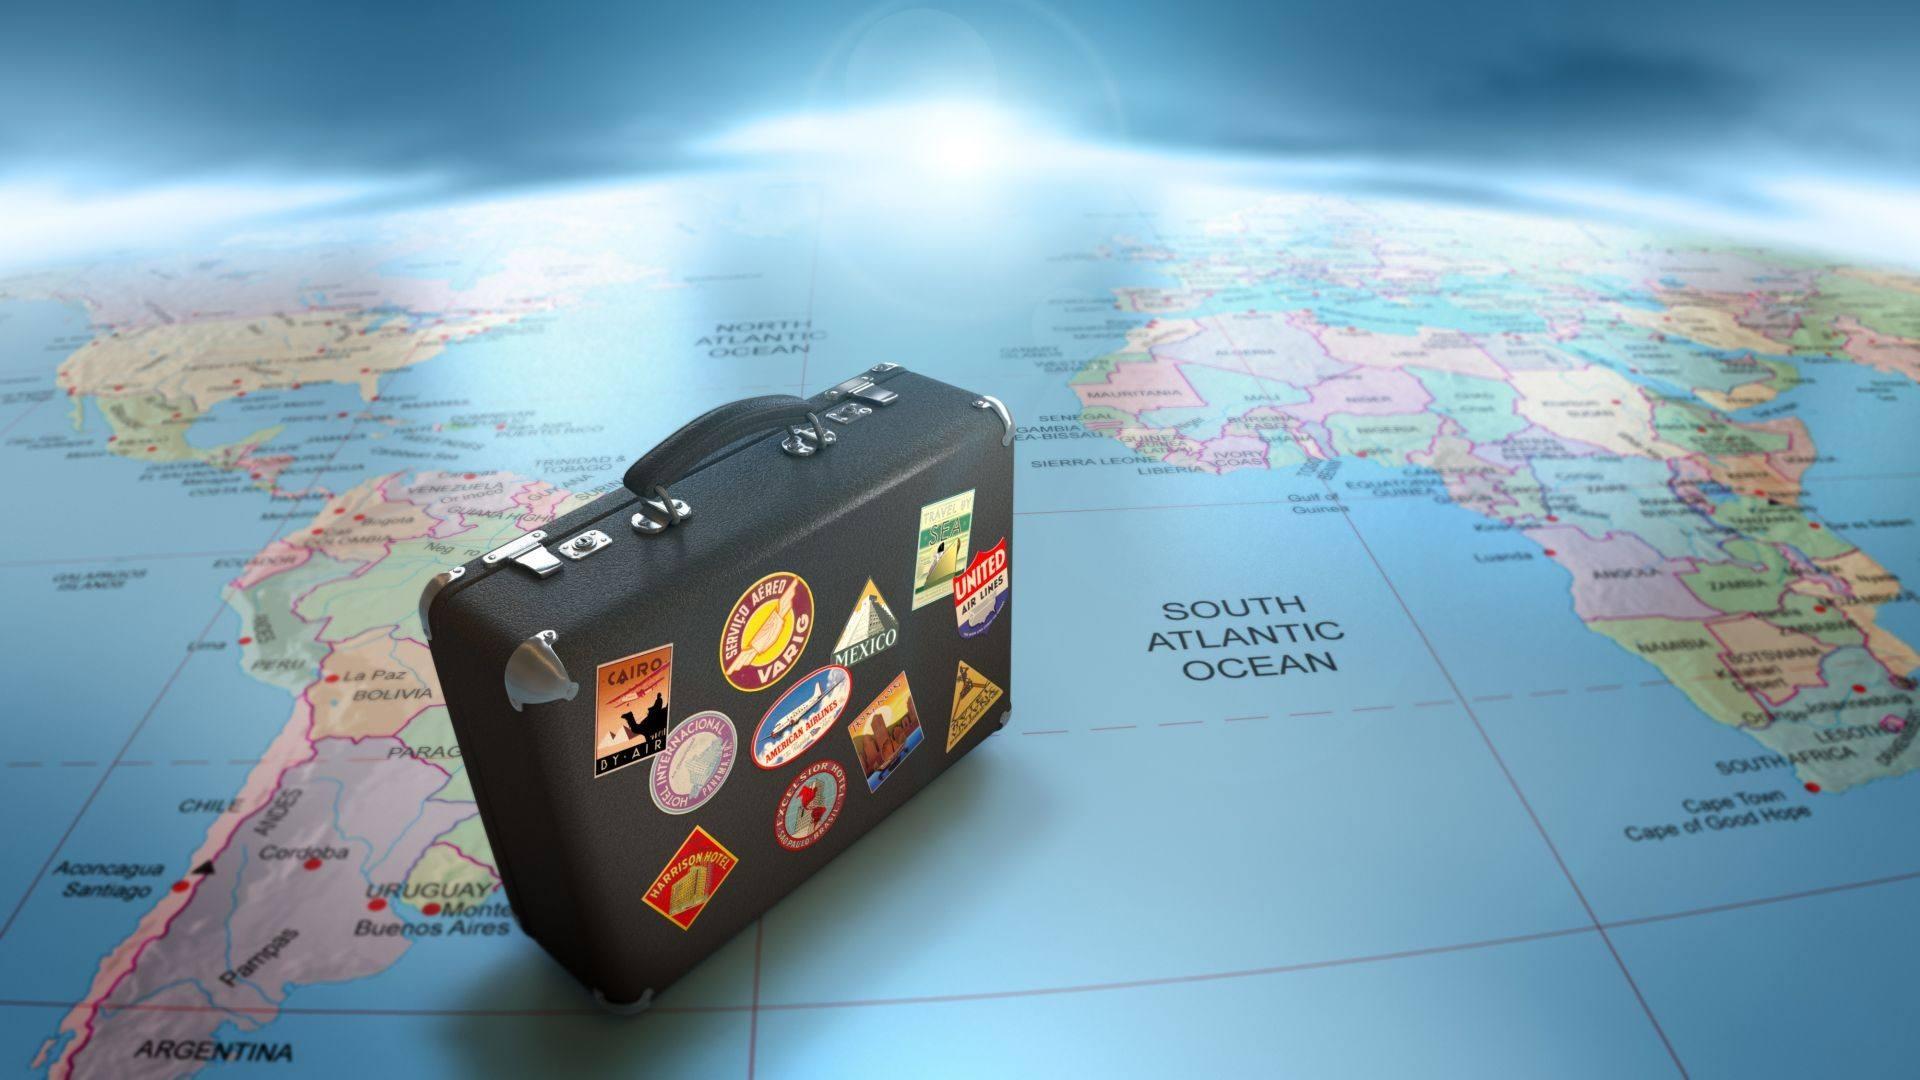 Agencia de viajes Ctrip y PNUD pactan mejorar respuestas de emergencias globales para turistas